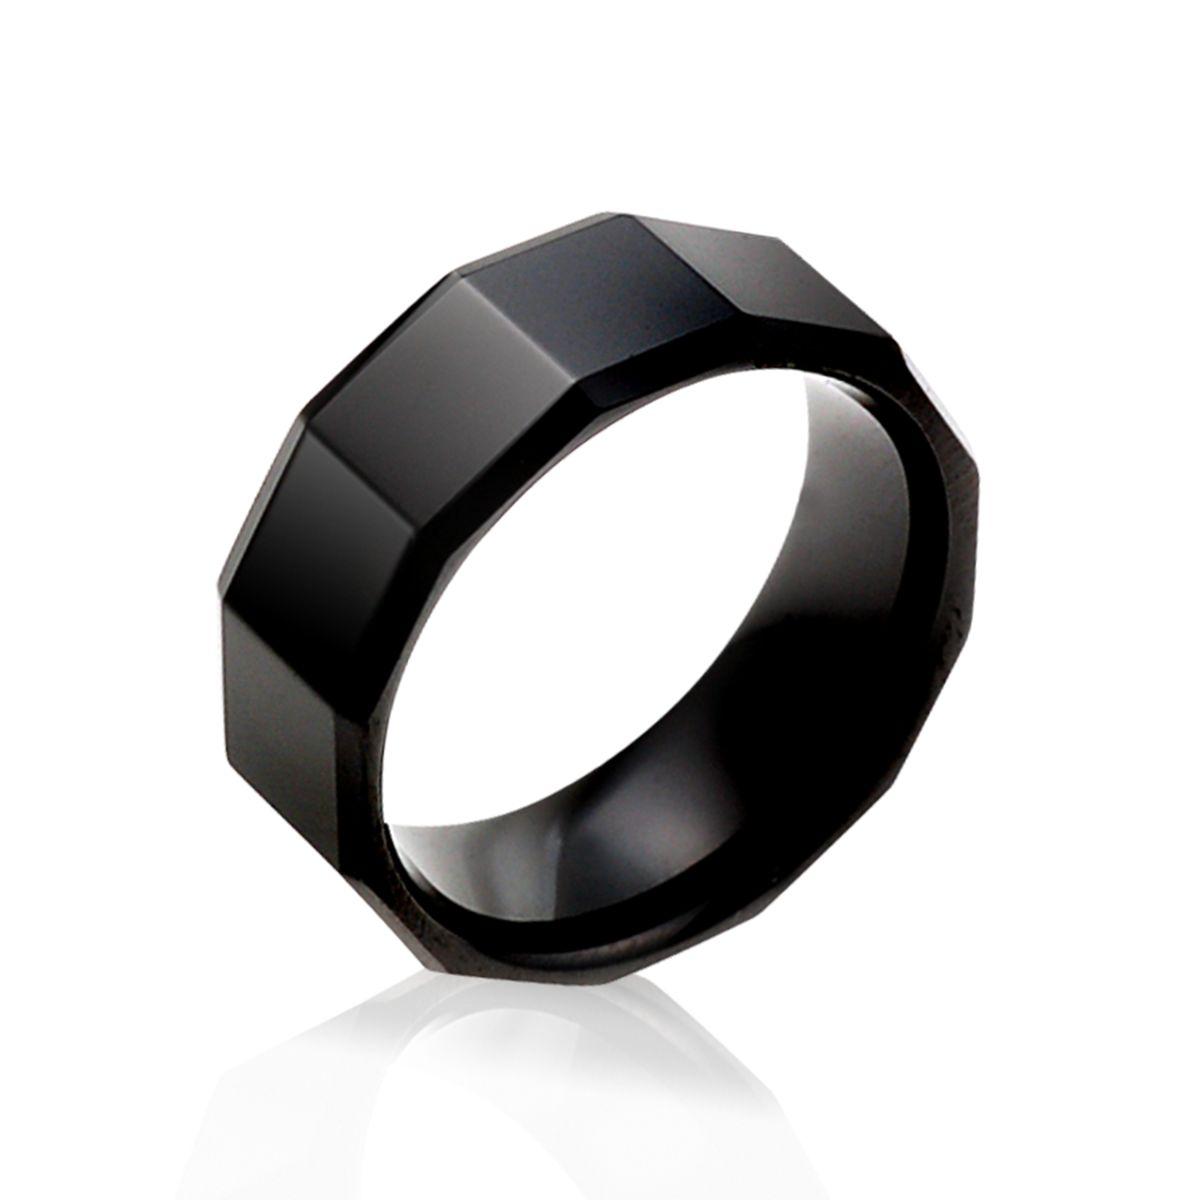 KT18 經典黑色迷幻寬版戒指